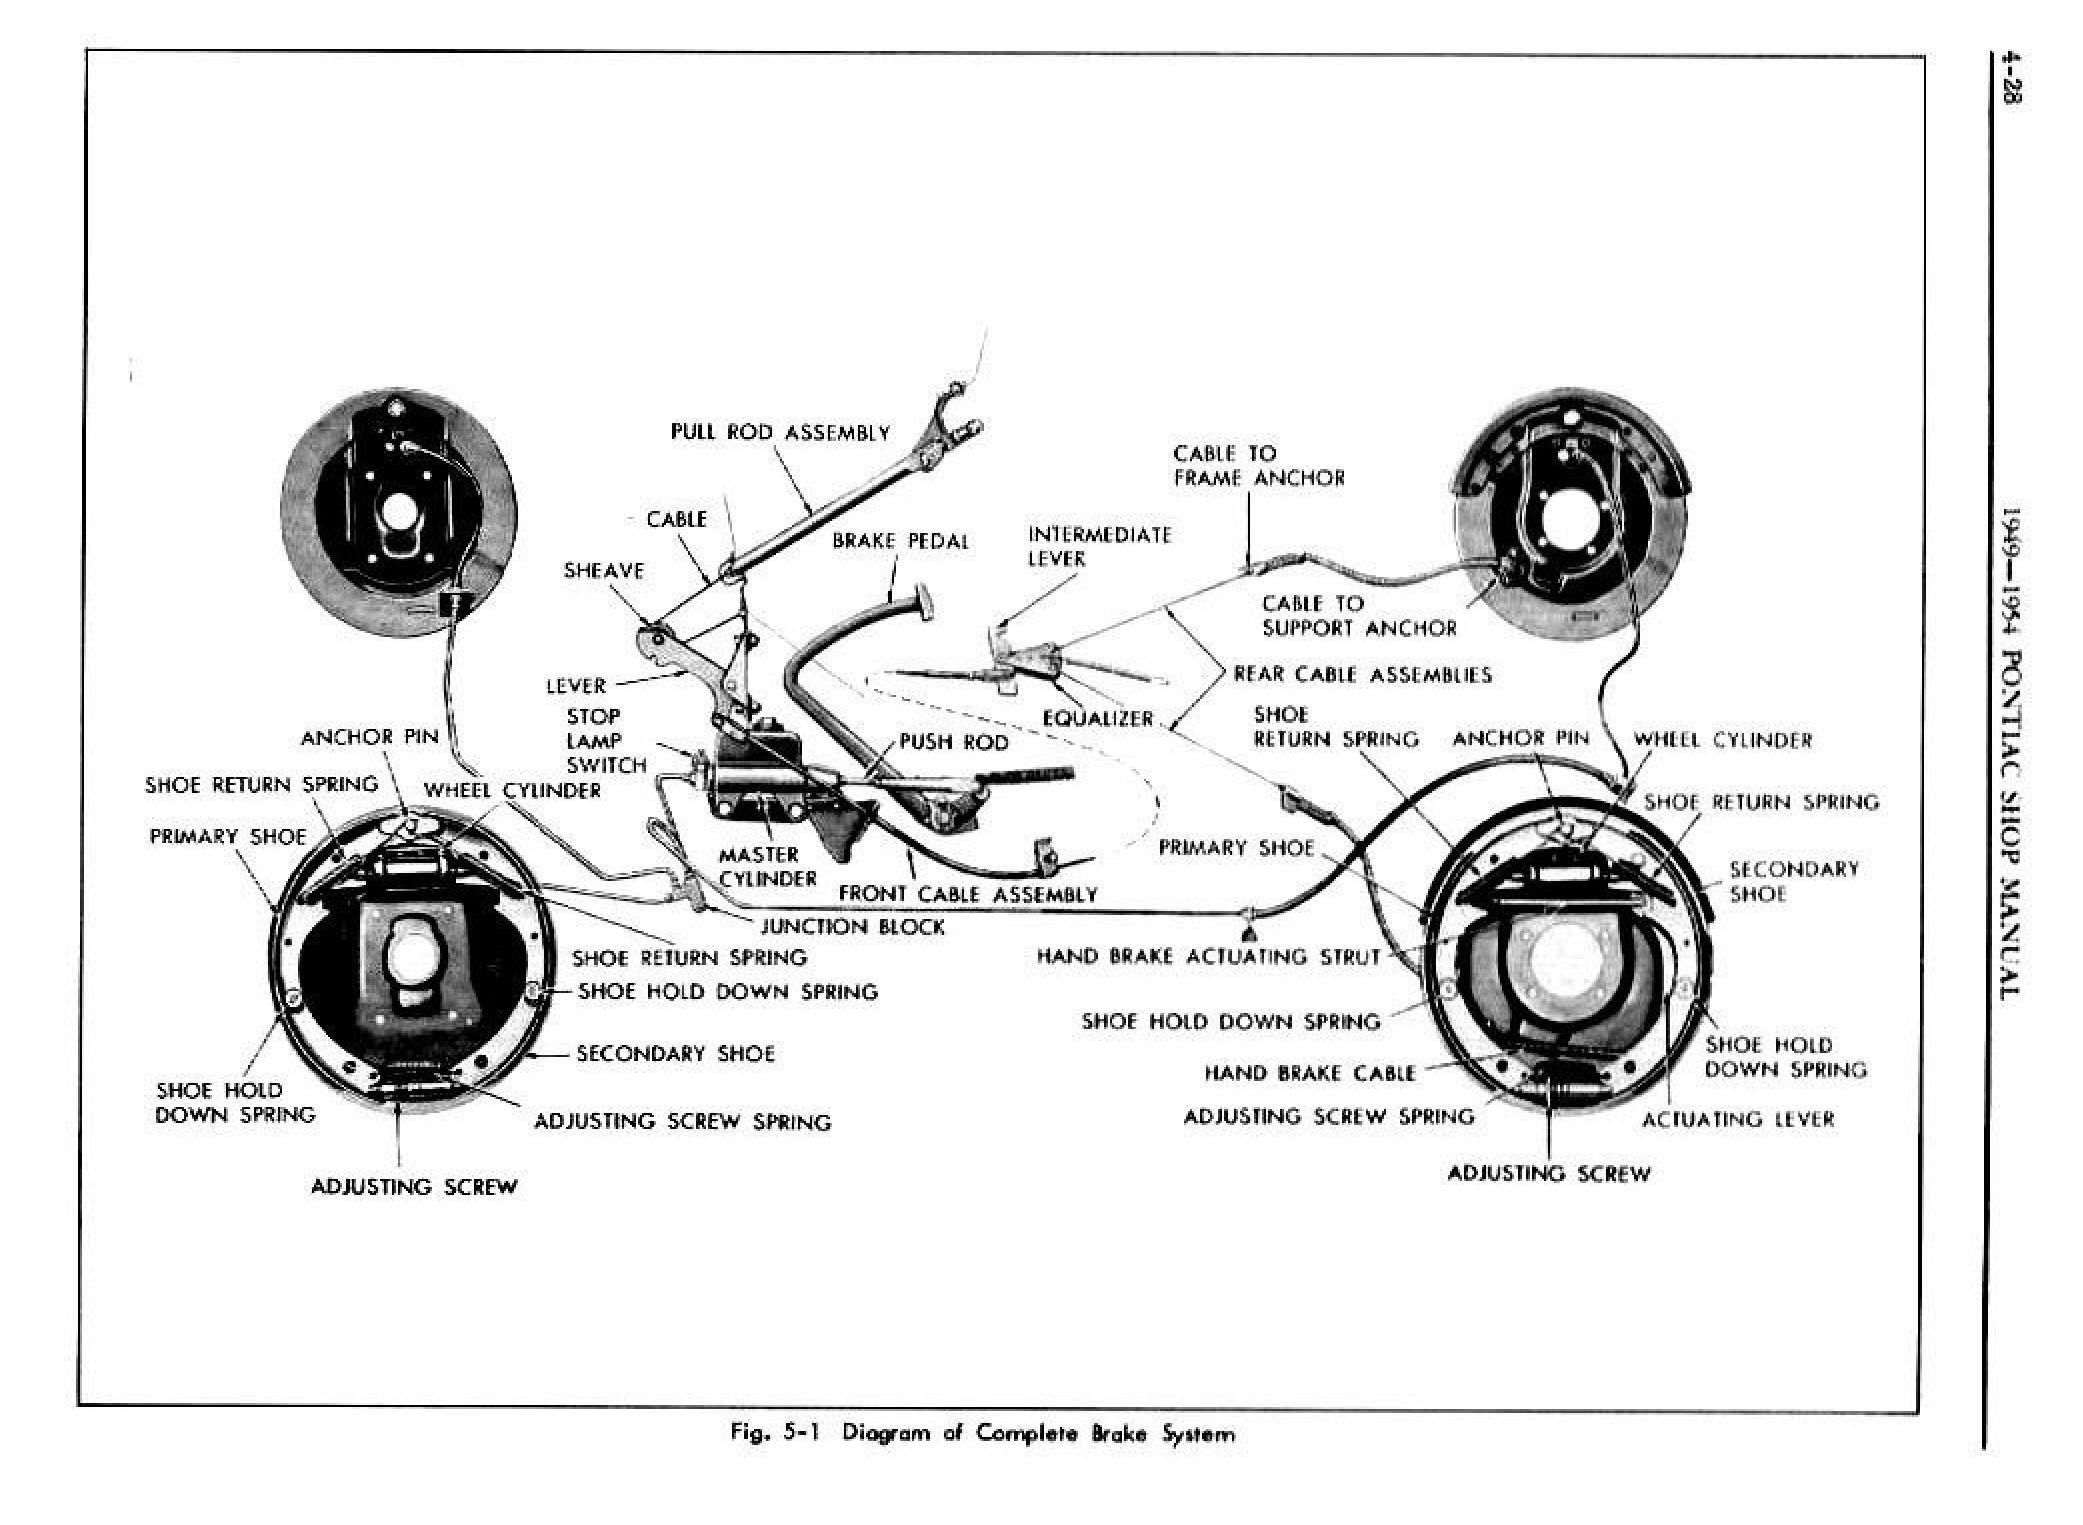 1949 Pontiac Shop Manual- Rear End Suspension Page 28 of 28